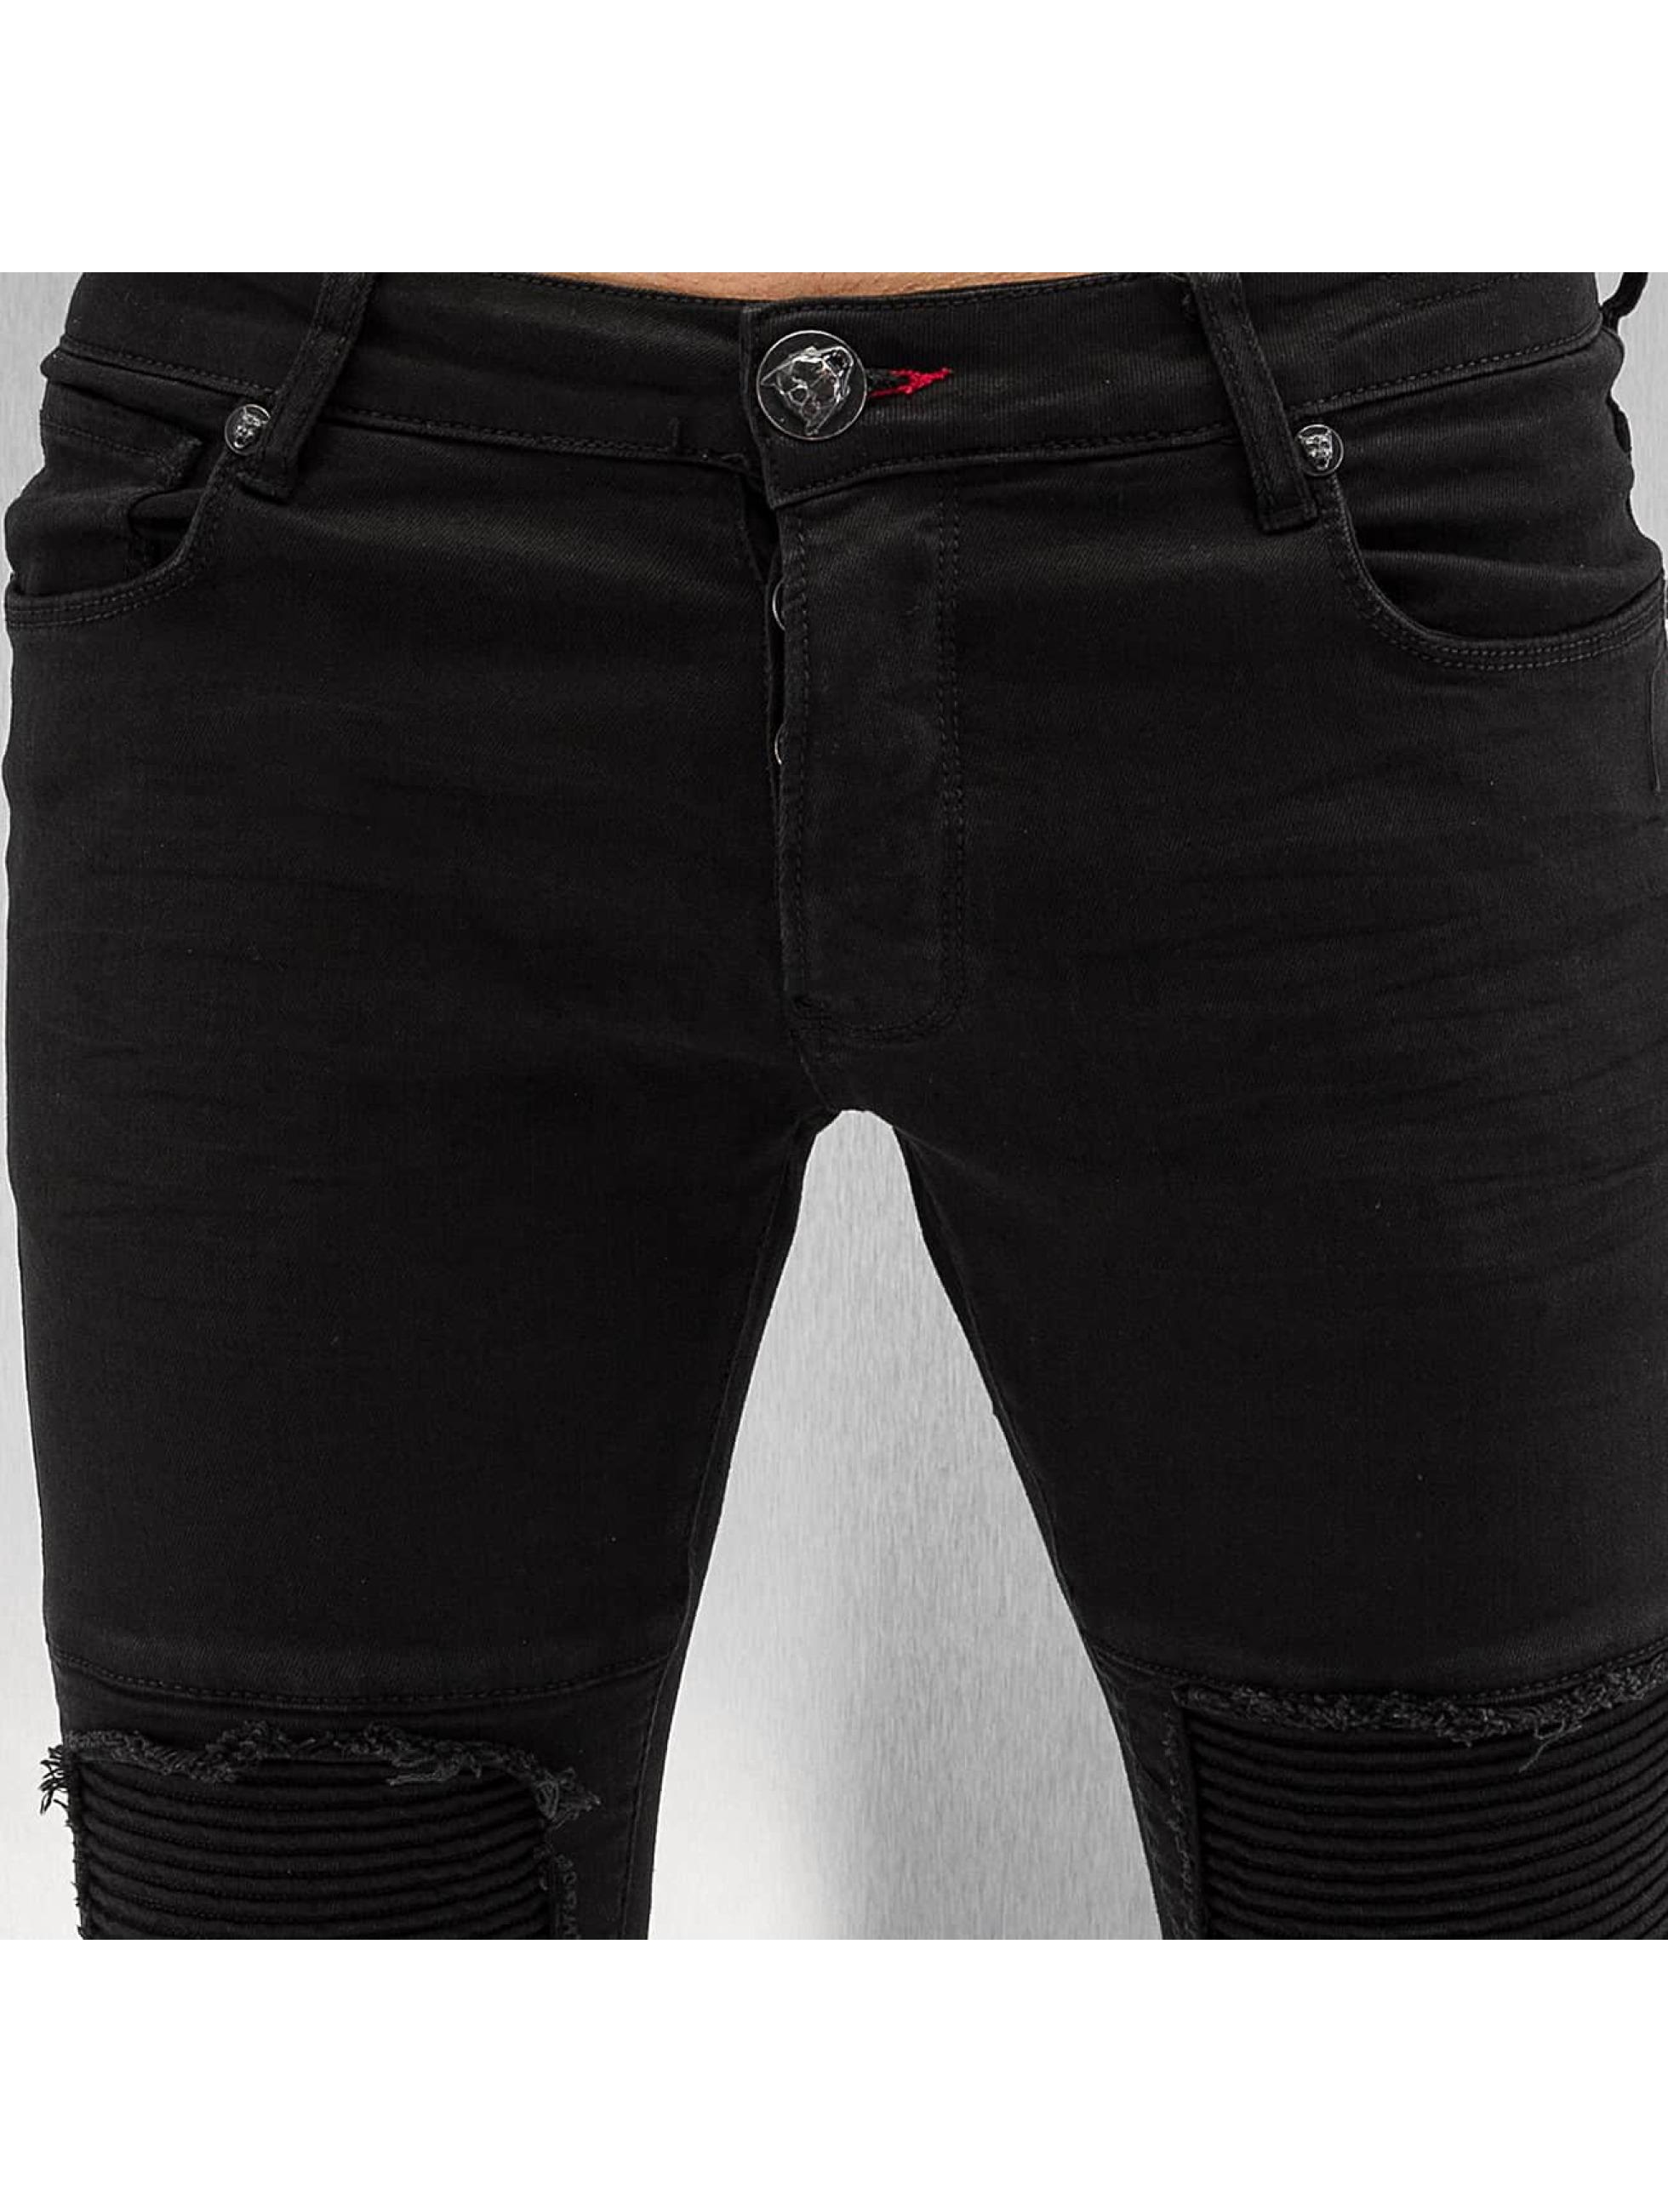 2Y Skinny Jeans Cannock black